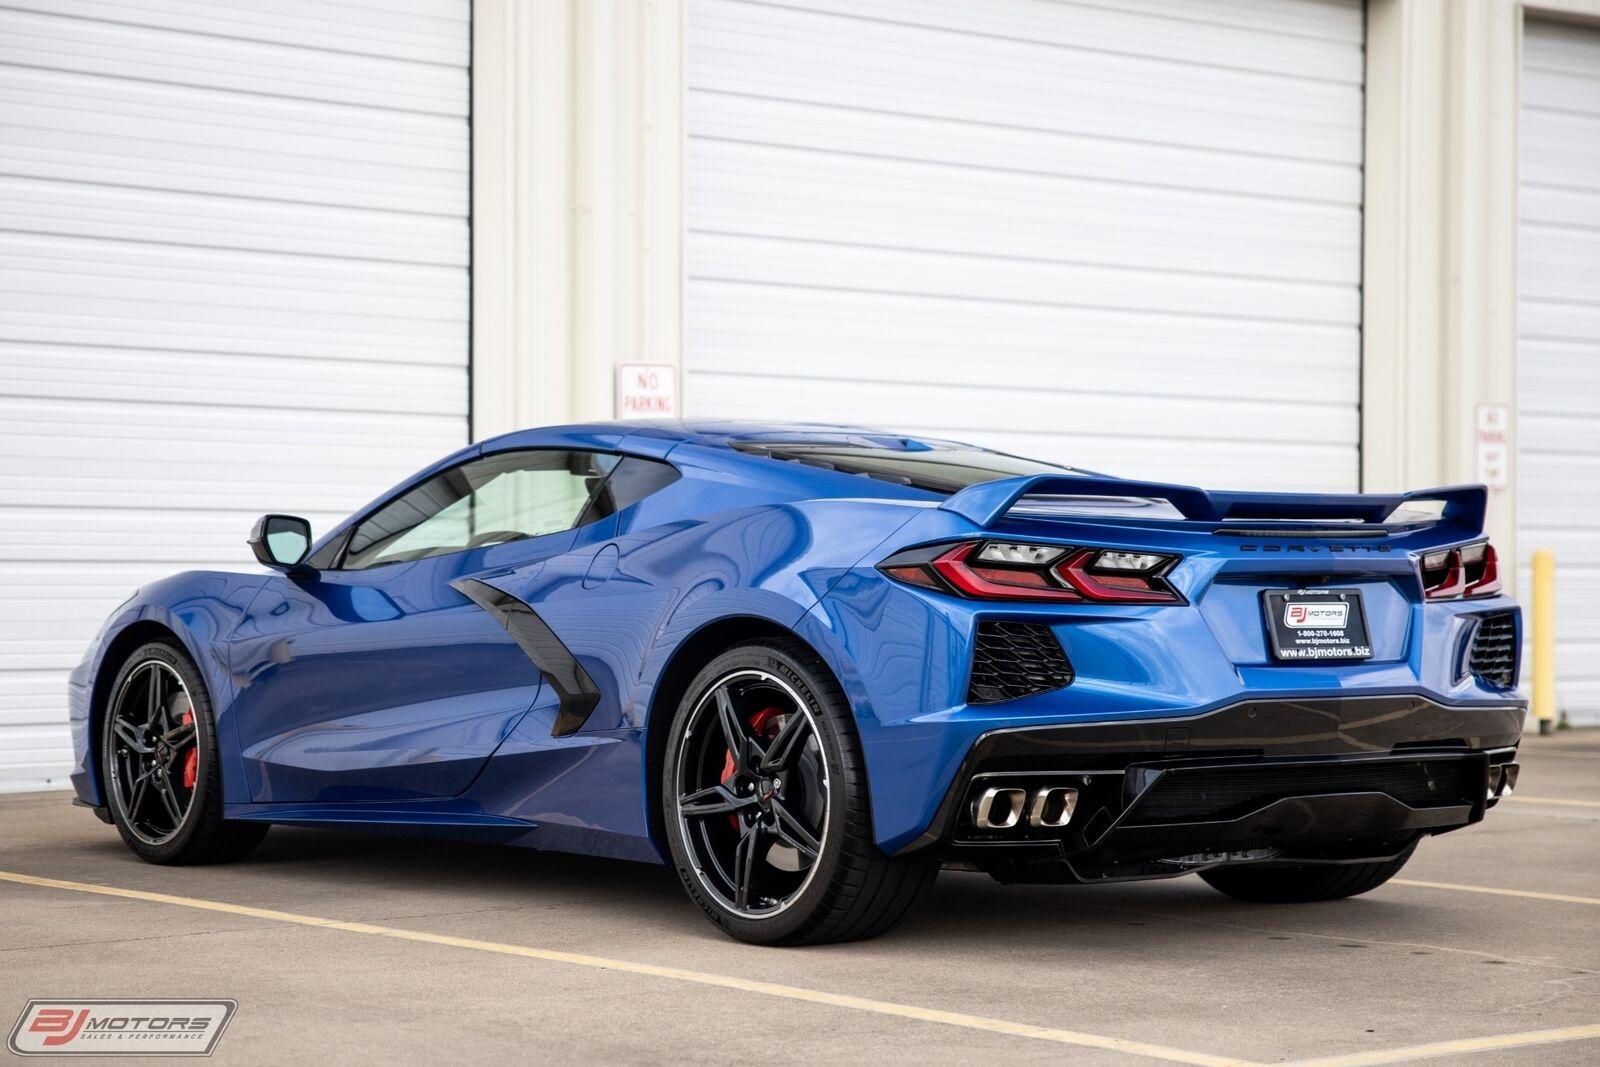 2020 Blue Chevrolet Corvette  2LT | C7 Corvette Photo 10